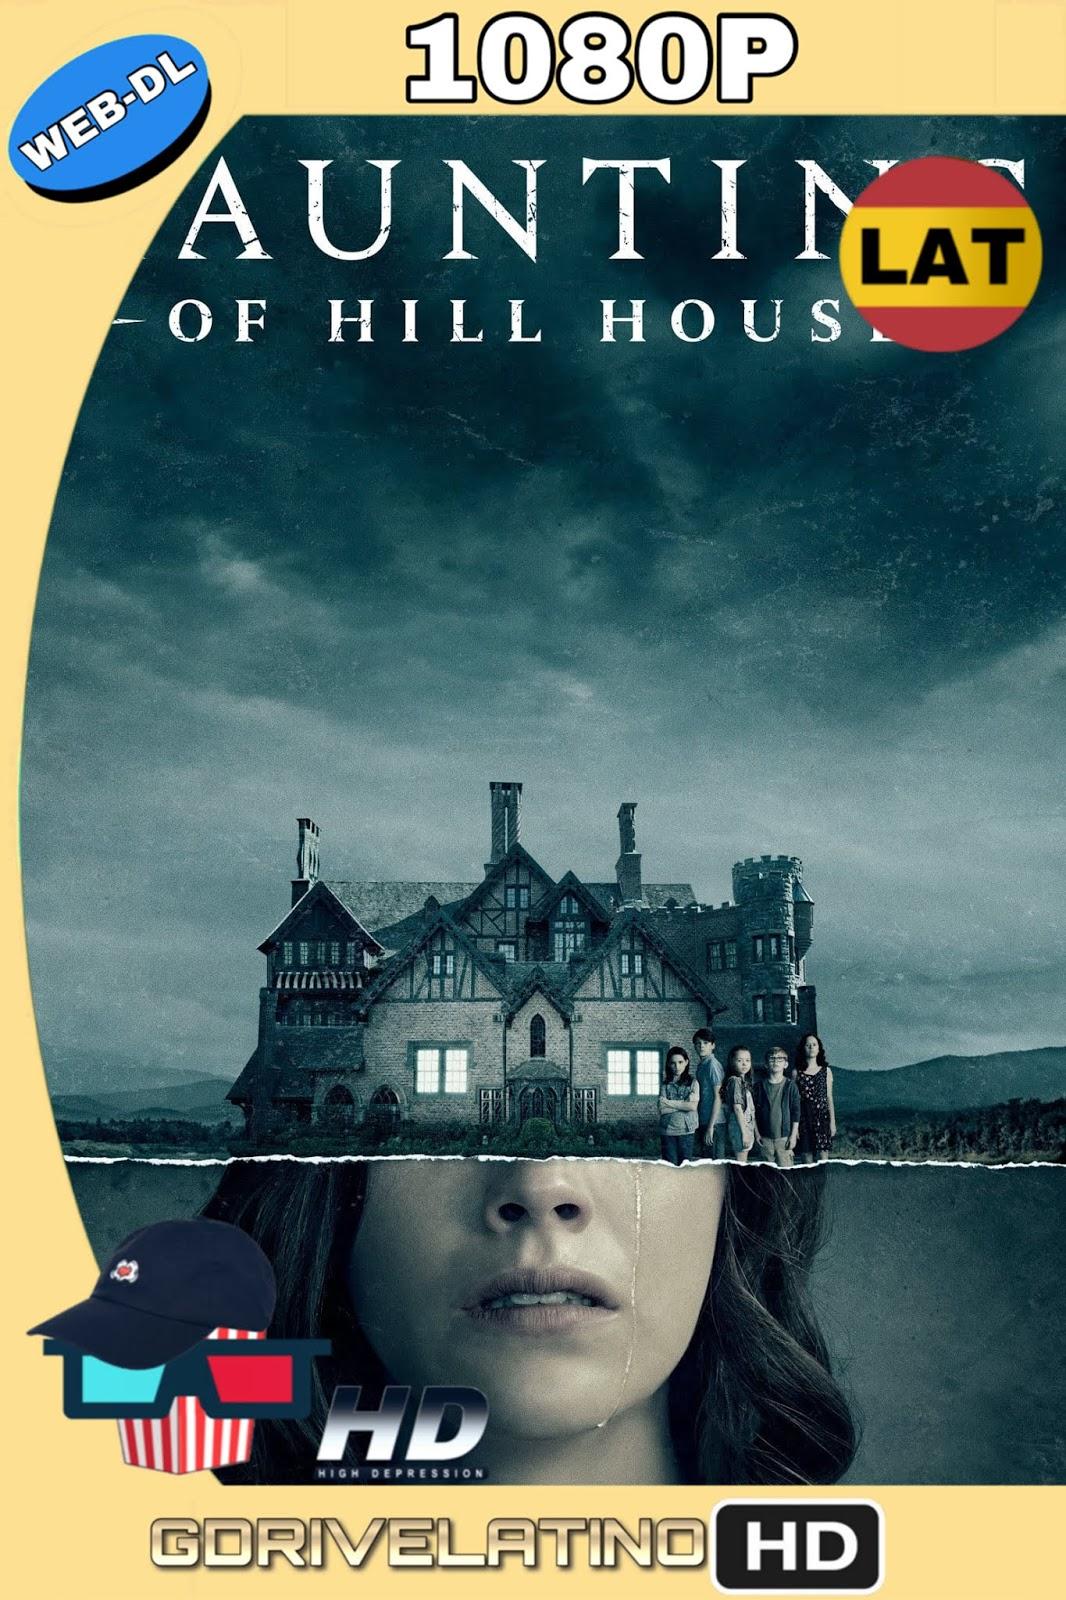 La maldición de Hill House (2018) Temporada 1 WEB-DL 1080p (Latino-Inglés) MKV